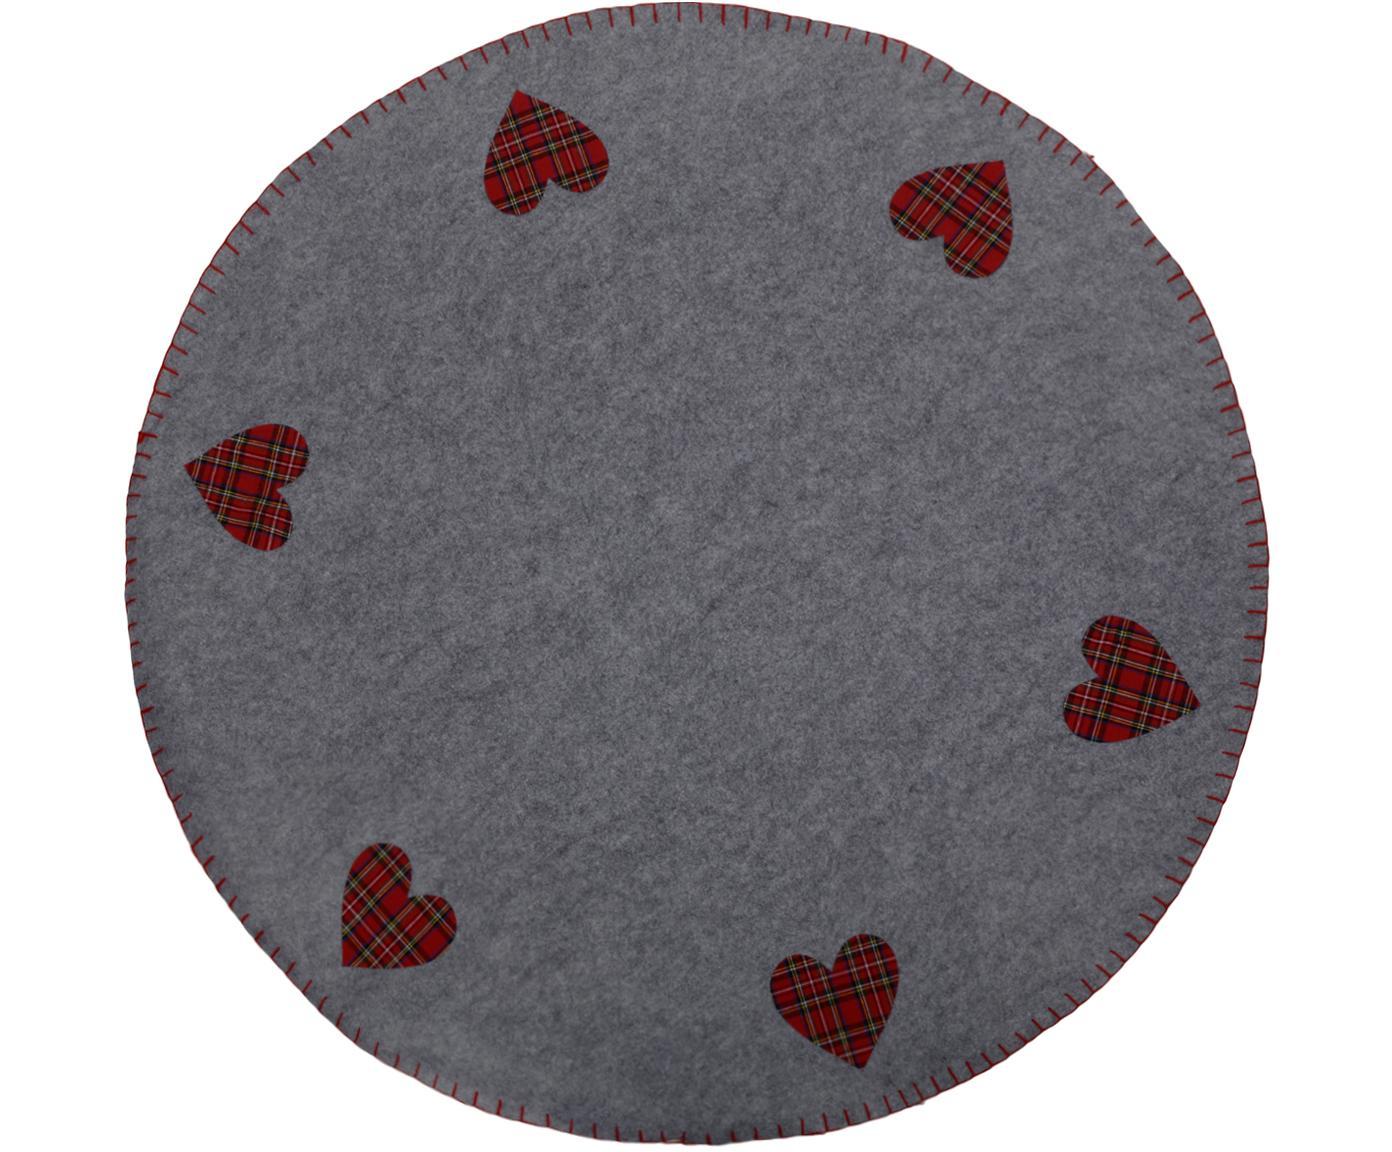 Base Árbol de Navidad Heart, Fieltro, Gris, rojo, negro, blanco, amarillo, Ø 100 cm